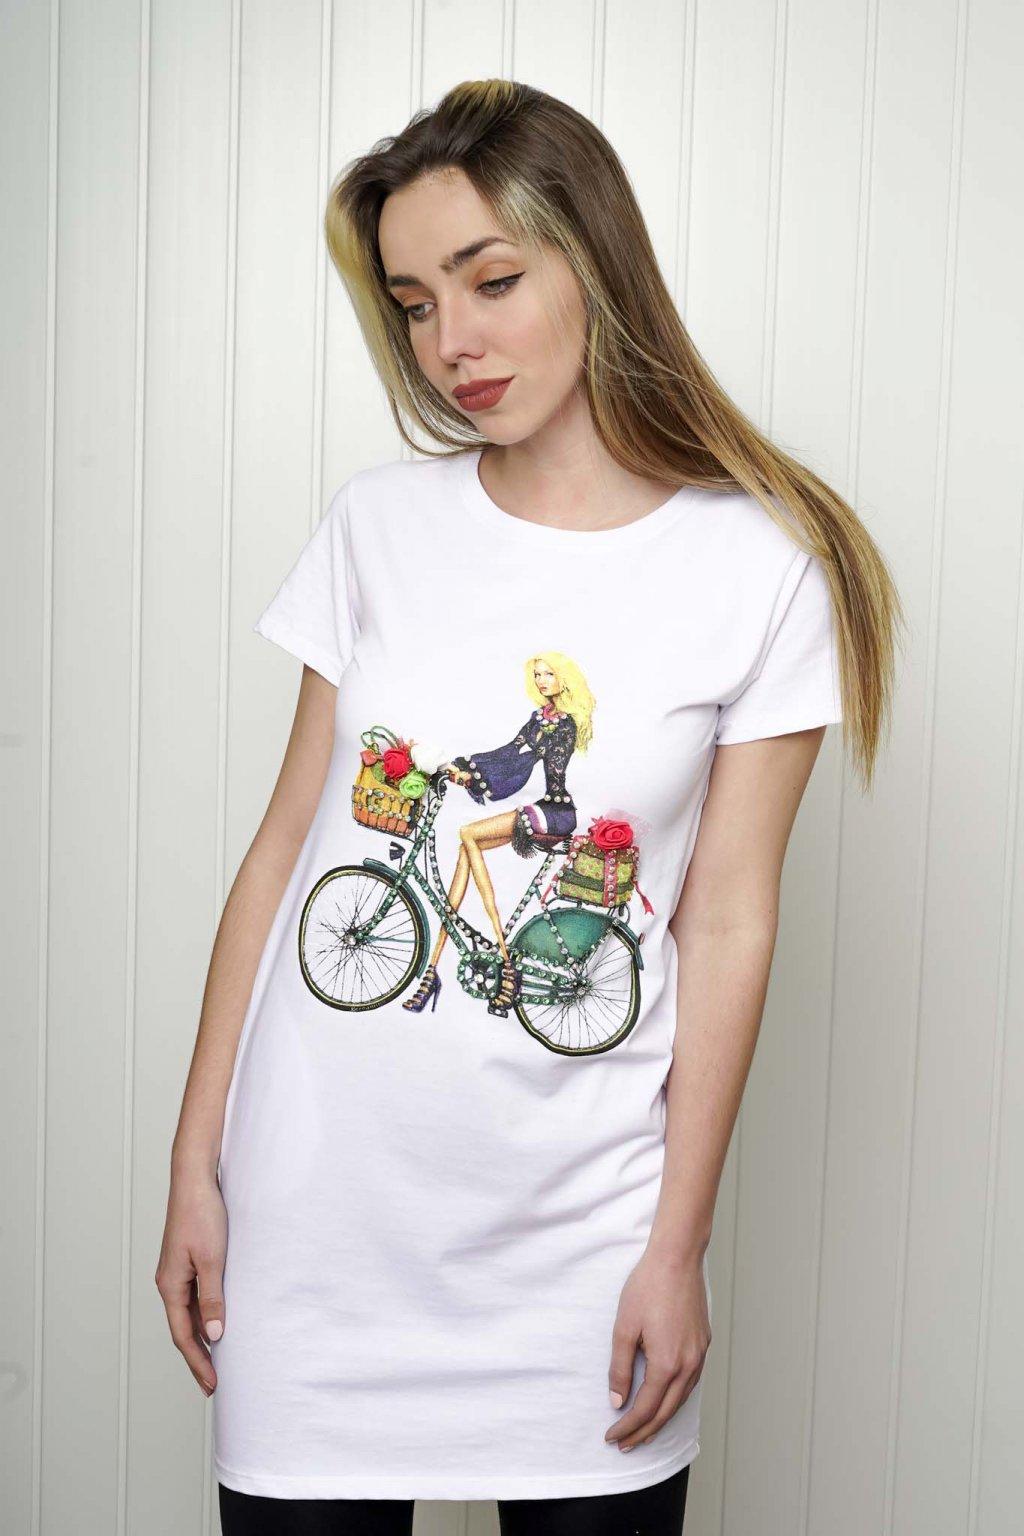 tričko, tričkové šaty, biele, čierne, žlté, vzorované, potlač, vyšívané, nášivky, fialové, street style, 209